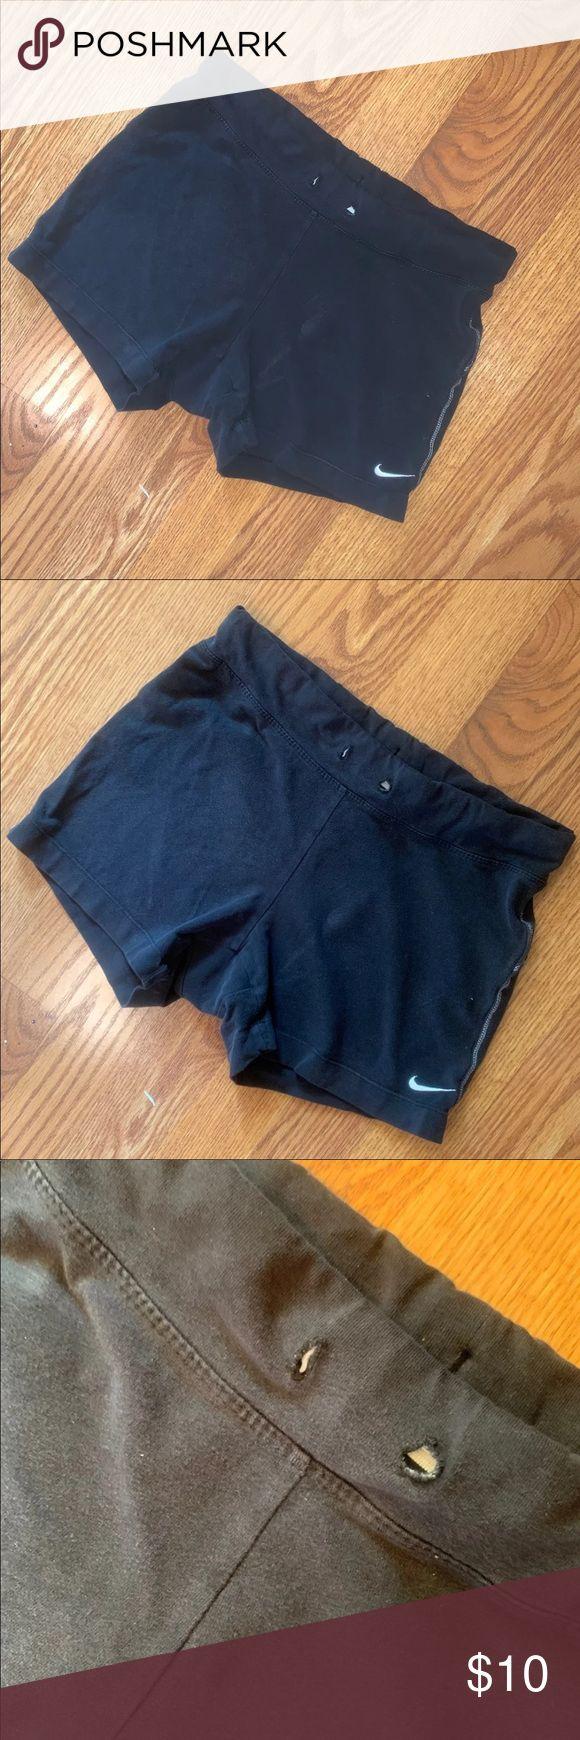 Nike Shorts Gut getragen, der Kordelzug wurde herausgezogen. Keine Risse oder Risse in …   – My Posh Picks